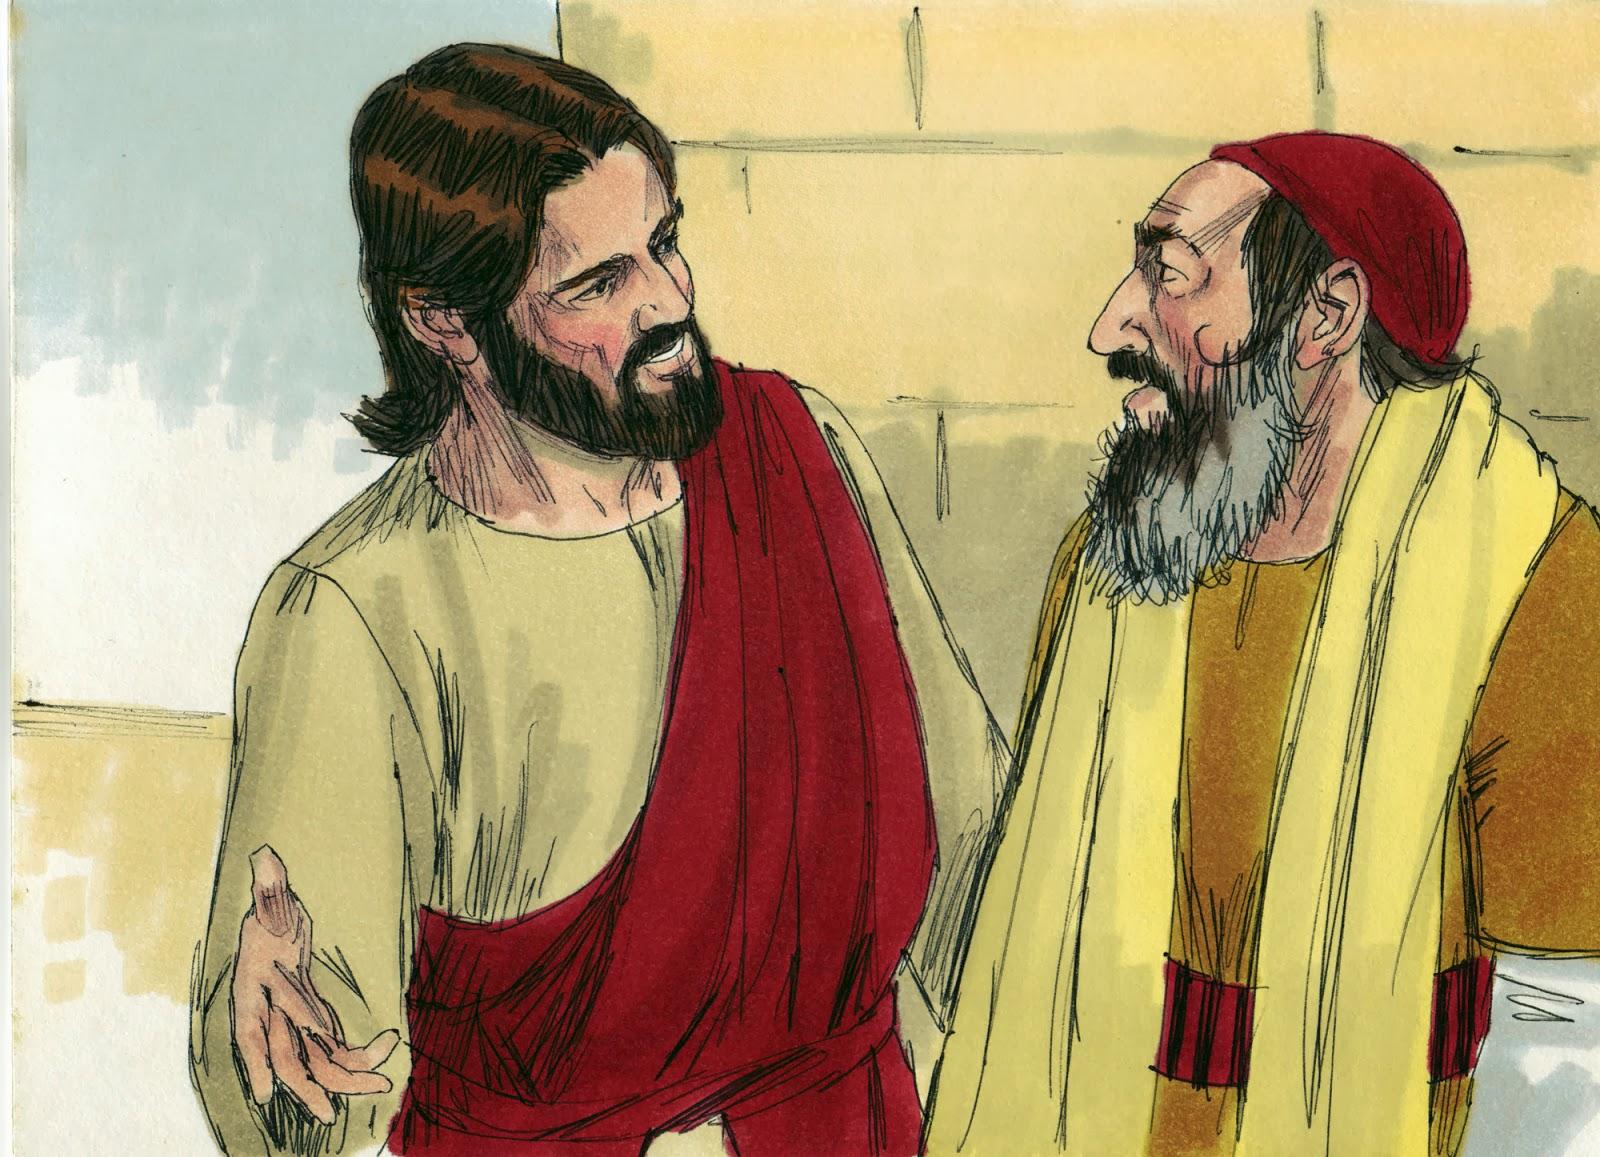 http://www.dsmedia.org/images/rg/42/42_Lk_10_12_RG.jpg